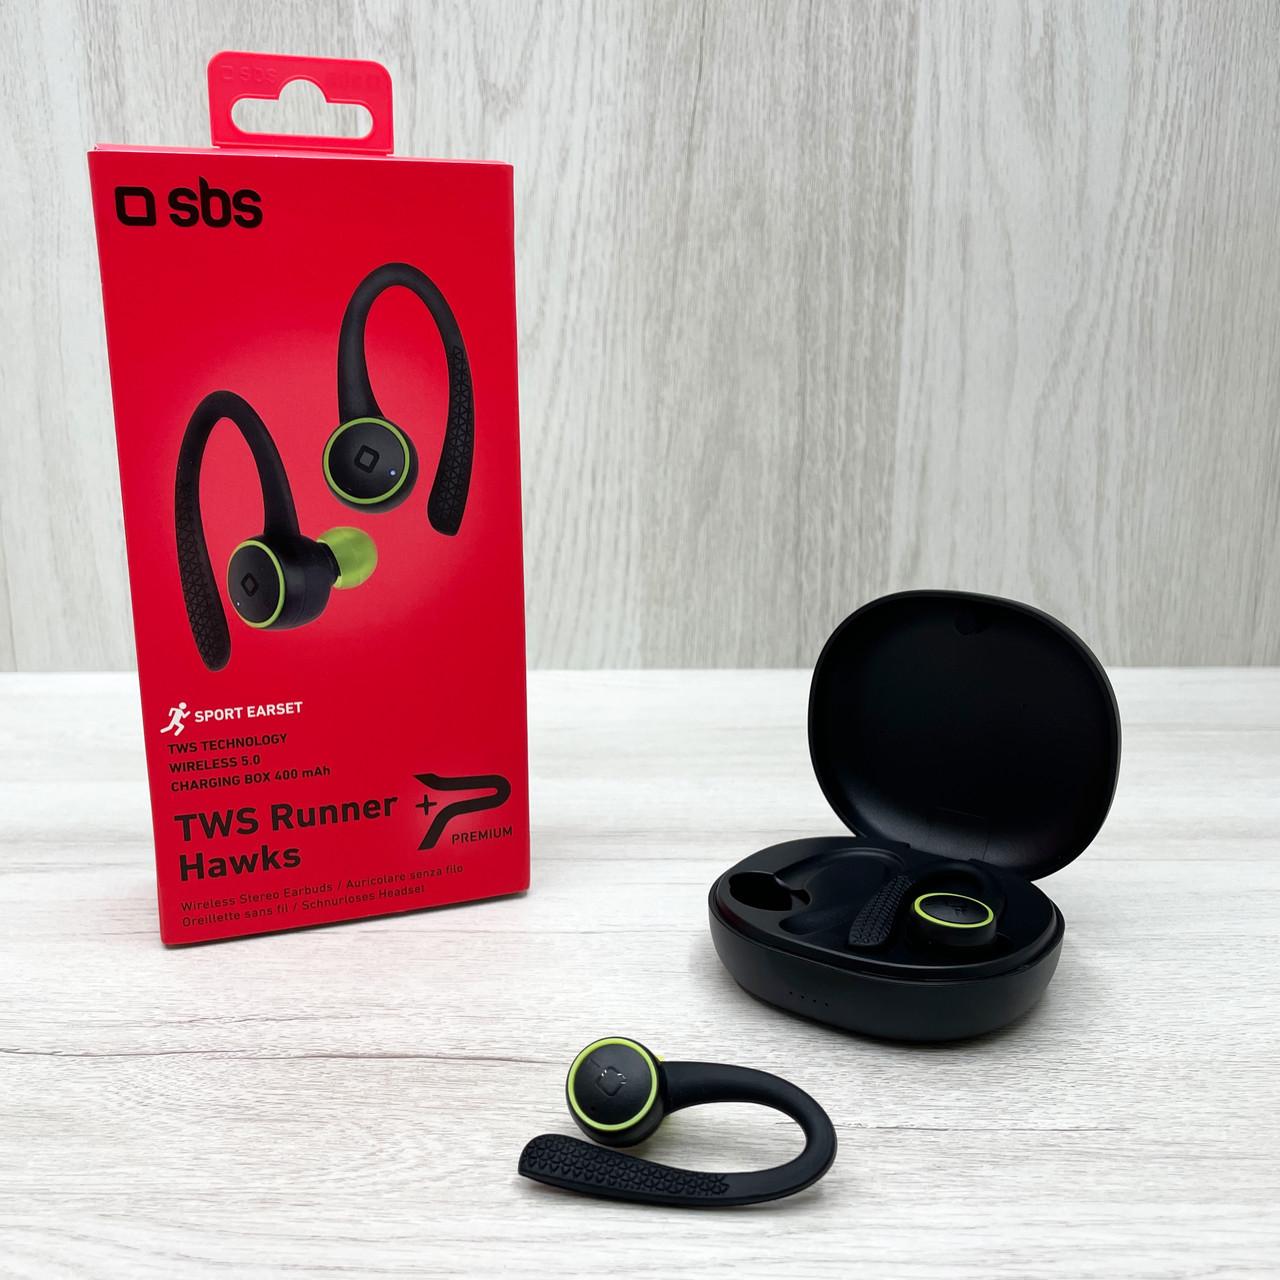 Бездротові навушники Sbs TWS Runner Hawks (чорні)